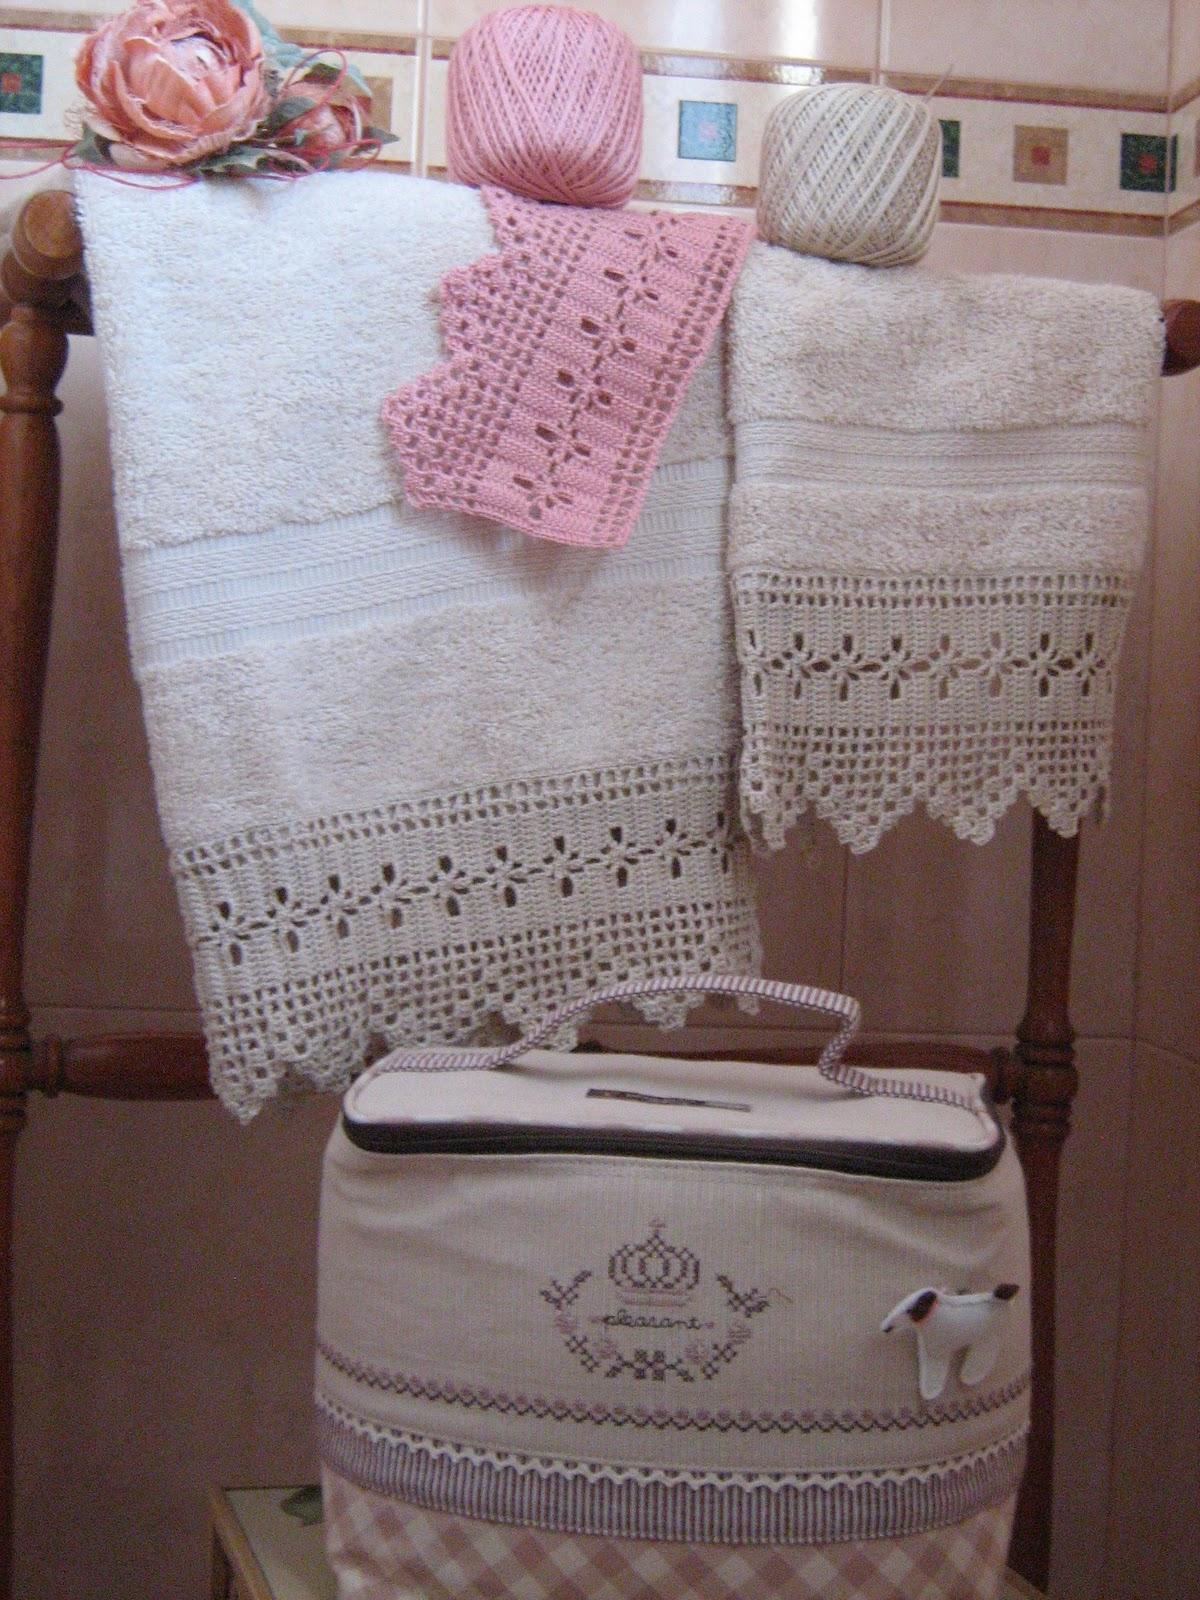 Semplicemente ketti asciugamani con bordure for Merletti a uncinetto schemi